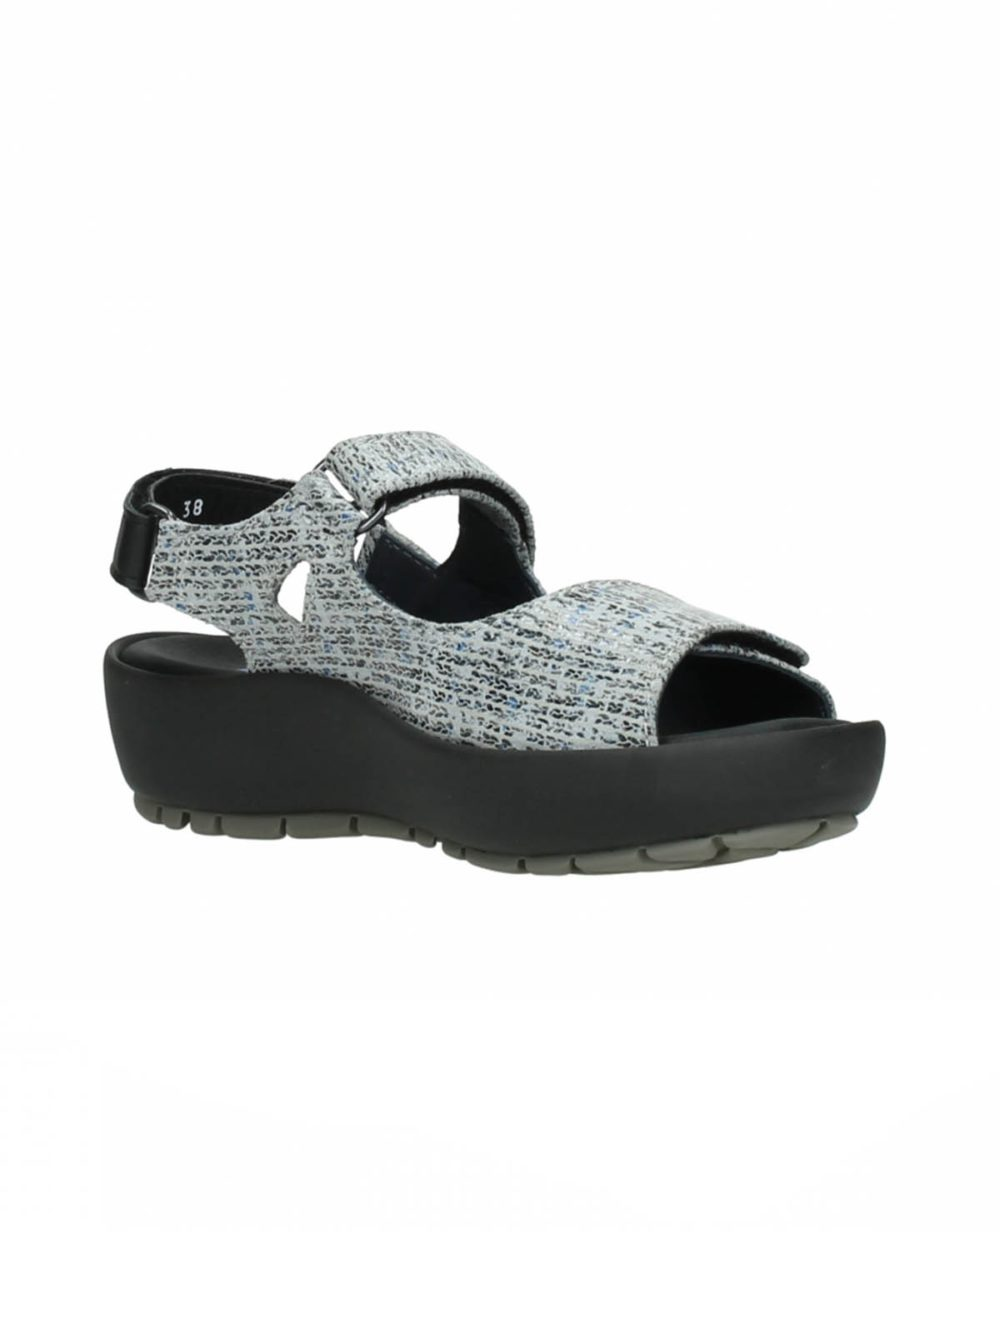 Jewel Sandal Wolky Shoes Katie Kerr Women's Shoes